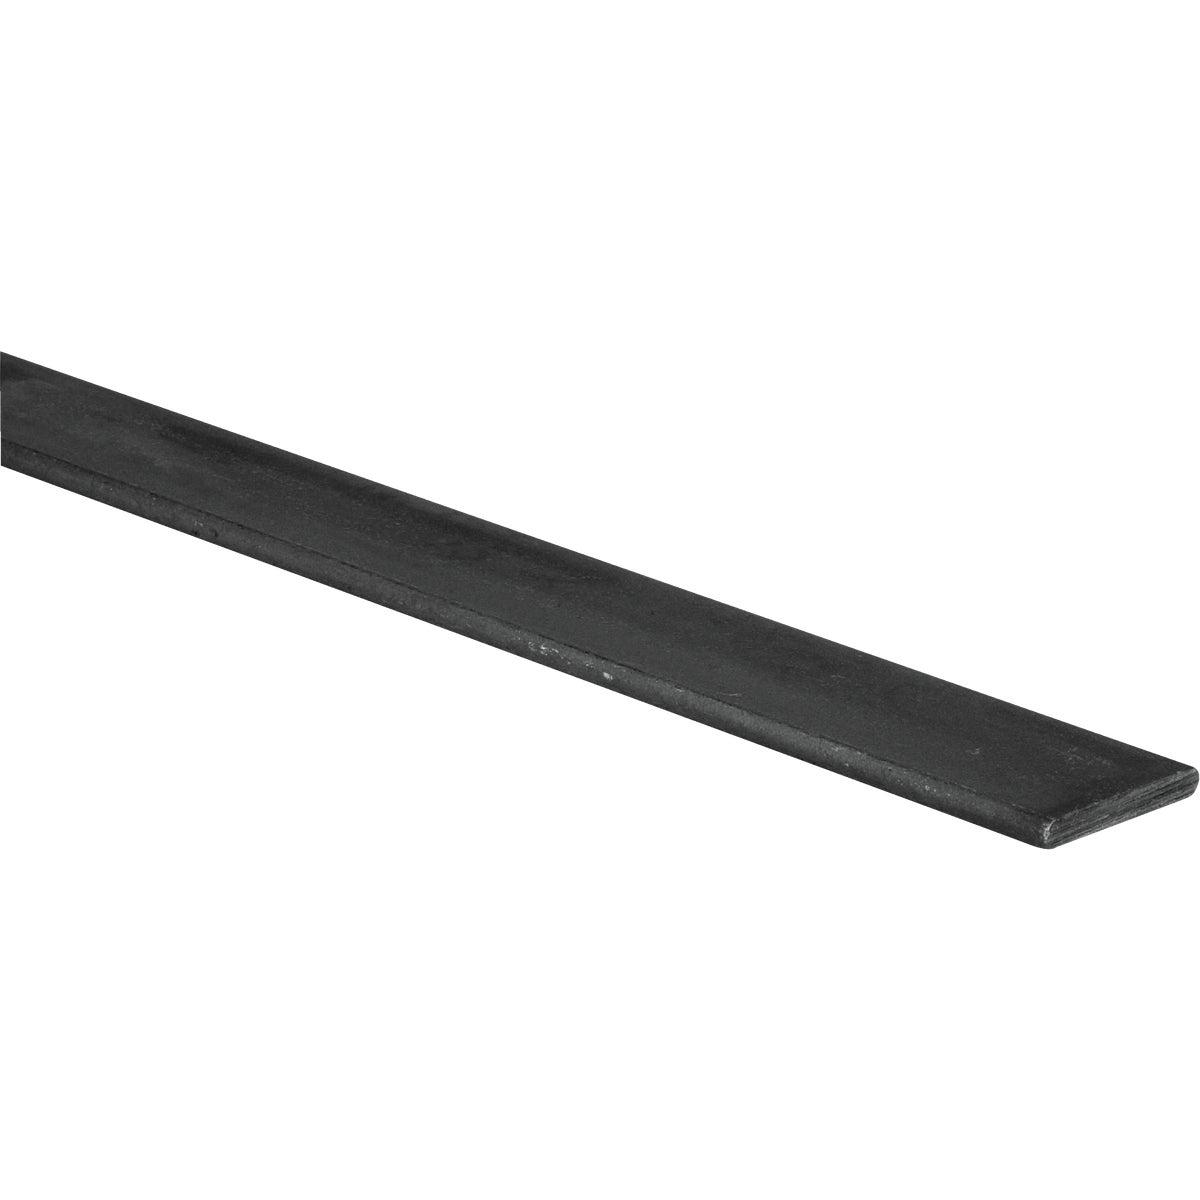 1/8X2X3' HR STL FLAT BAR - N341438 by National Mfg Co